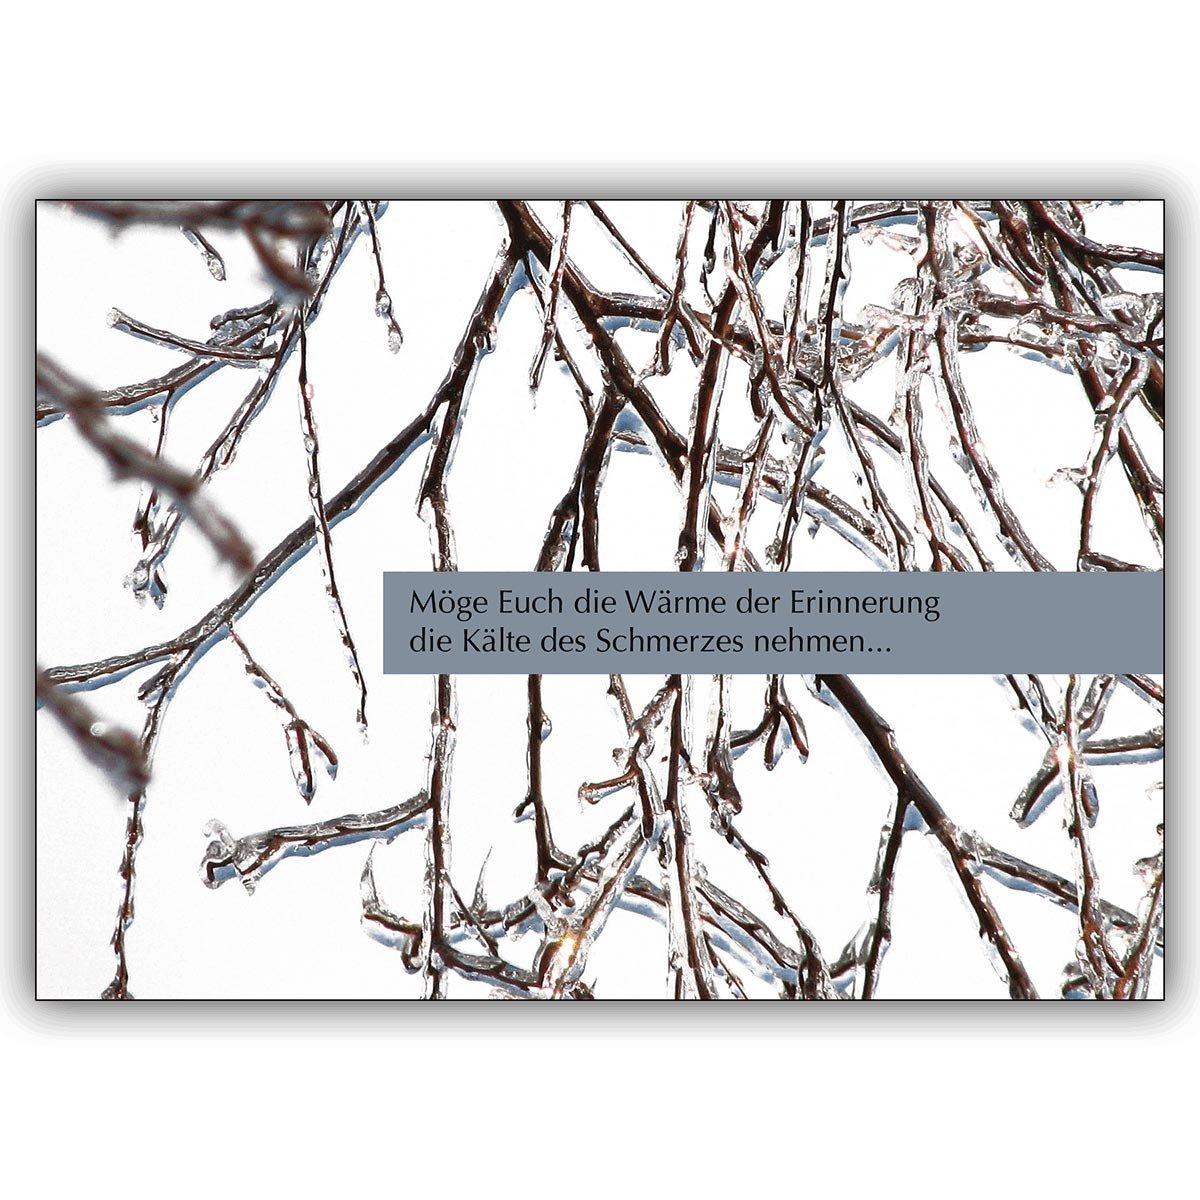 Direkte Fertigung 12 Traueranzeigen    Winter innen ihr Text. Motiv   Möge Euch die Wärme der Erinnerung die Kälte des Schmerzes nehmen…  den traditionell gestalteten Text drucken wir innen - nur Schrift auswählen zzgl 12 Papier E a7b8ad